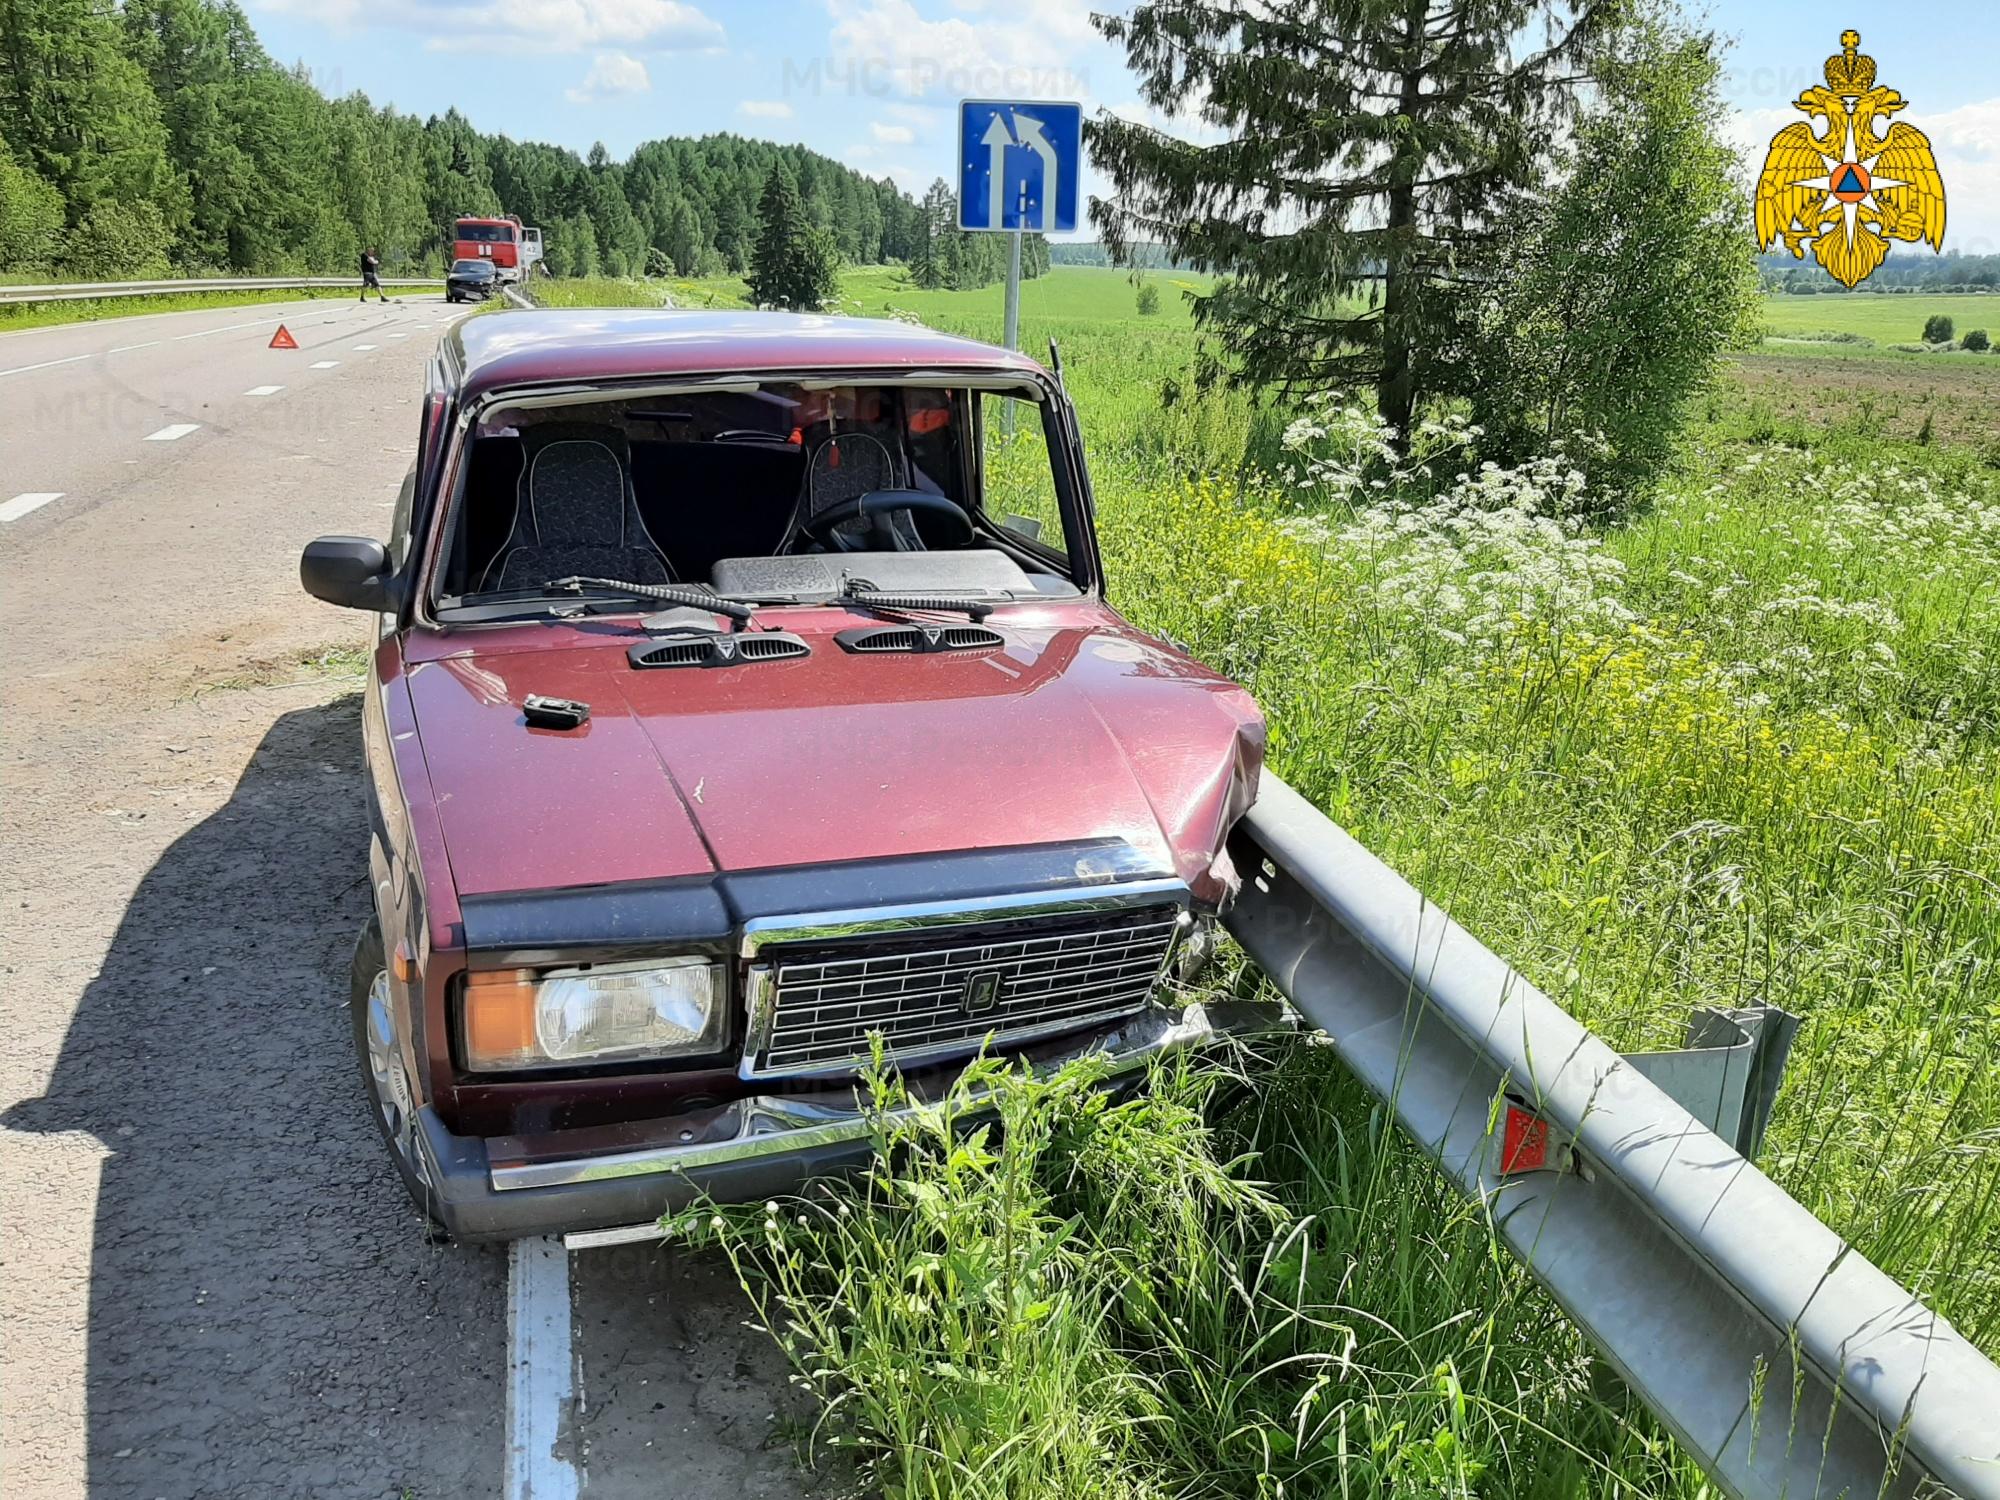 ДТП в Козельском районе, 8 км автодороги «Козельск-Кудринская»